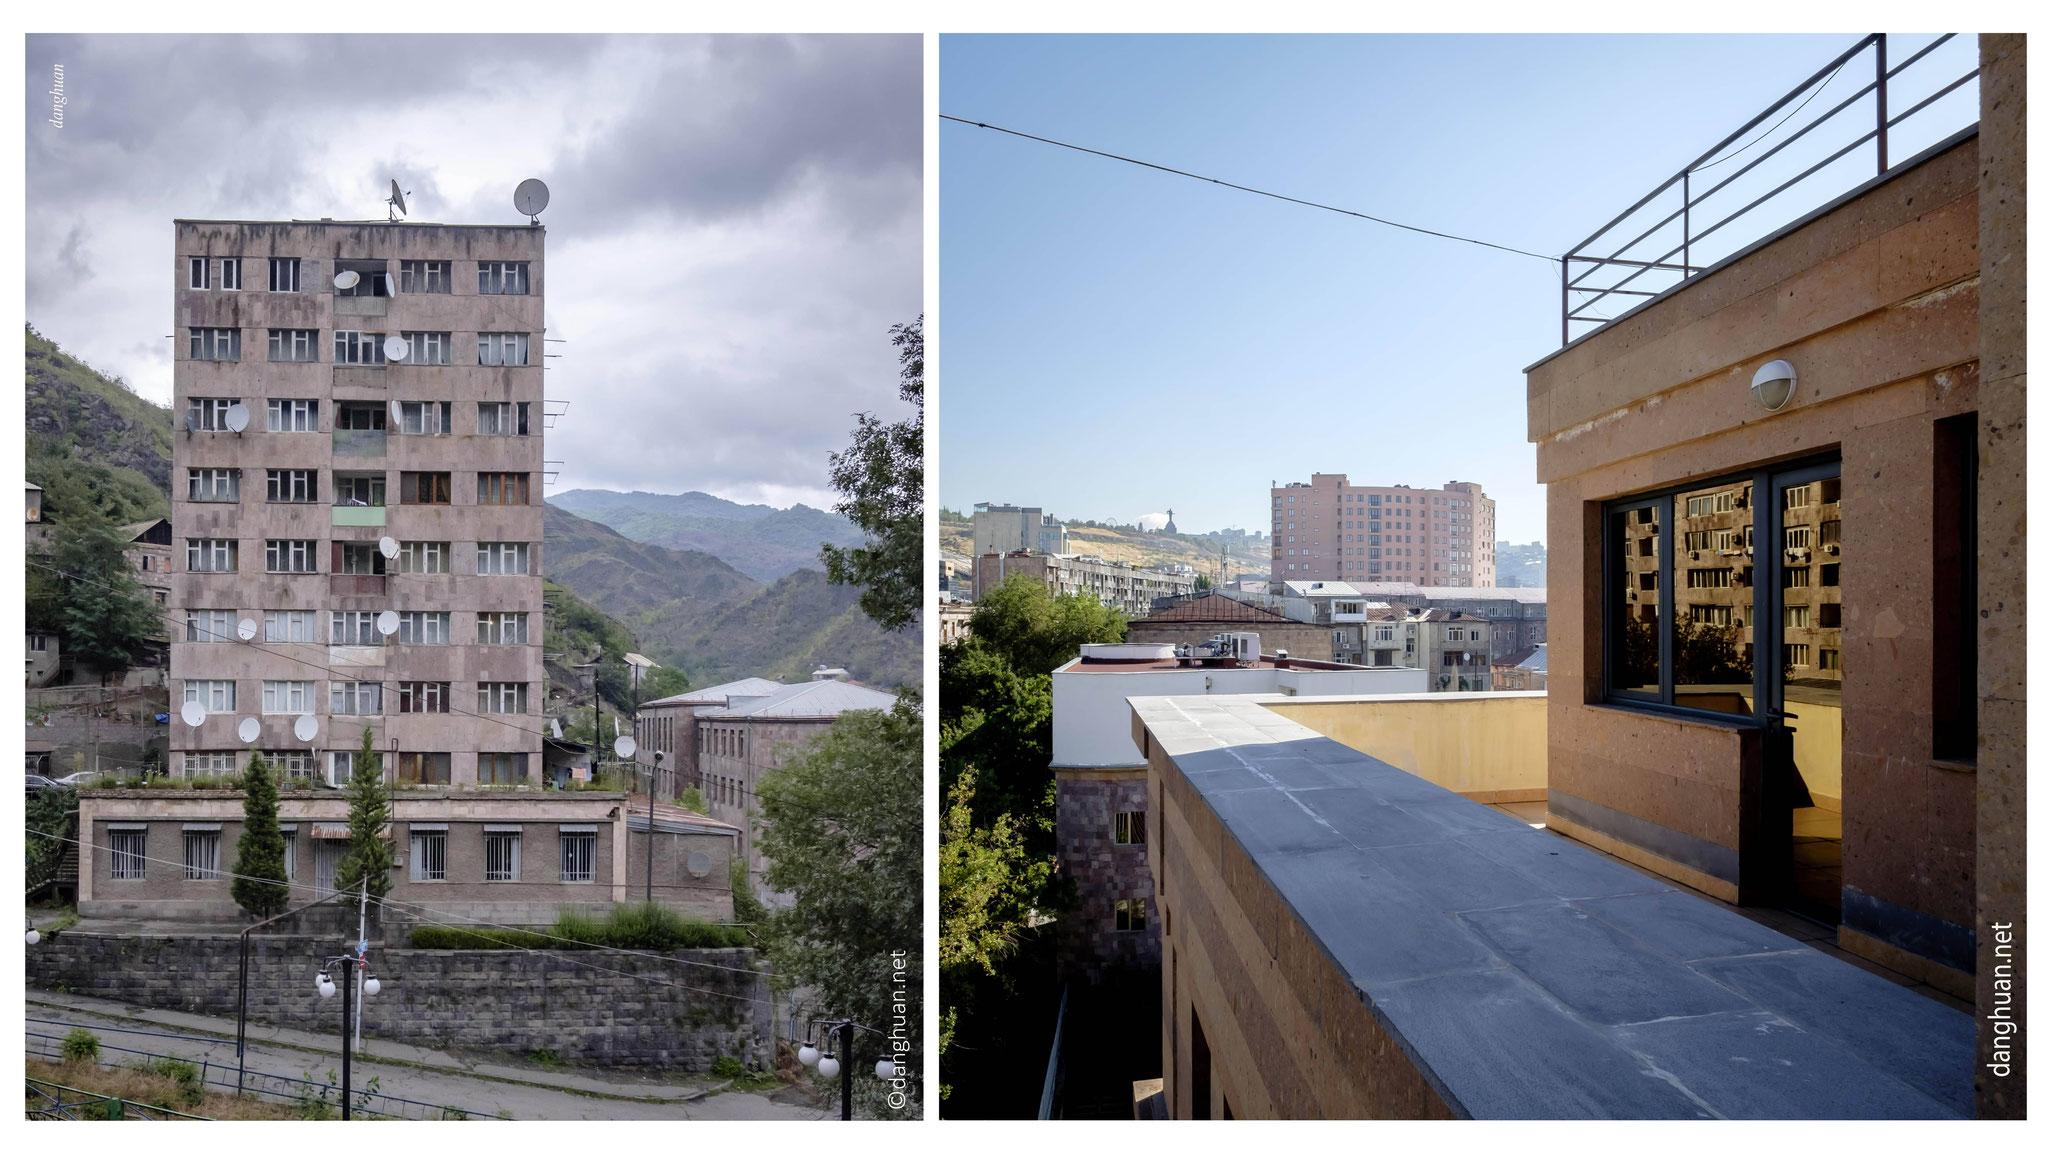 Everan : le mélange de styles architecturaux